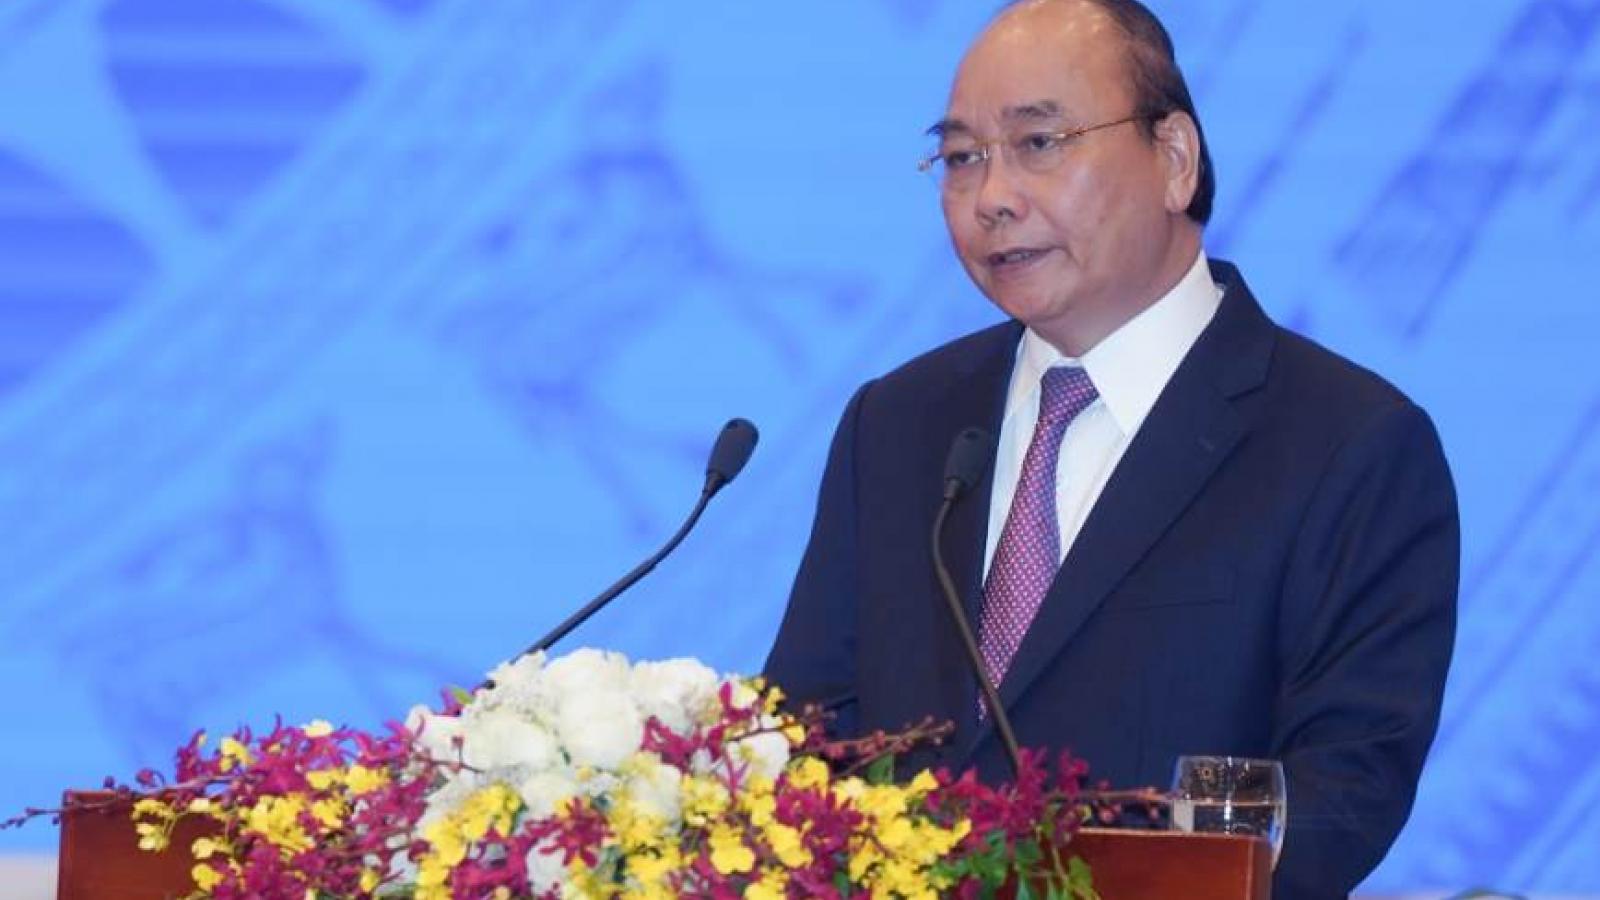 Thủ tướng: Yêu nước thì phải hành động, phải có quyết tâm mạnh mẽ